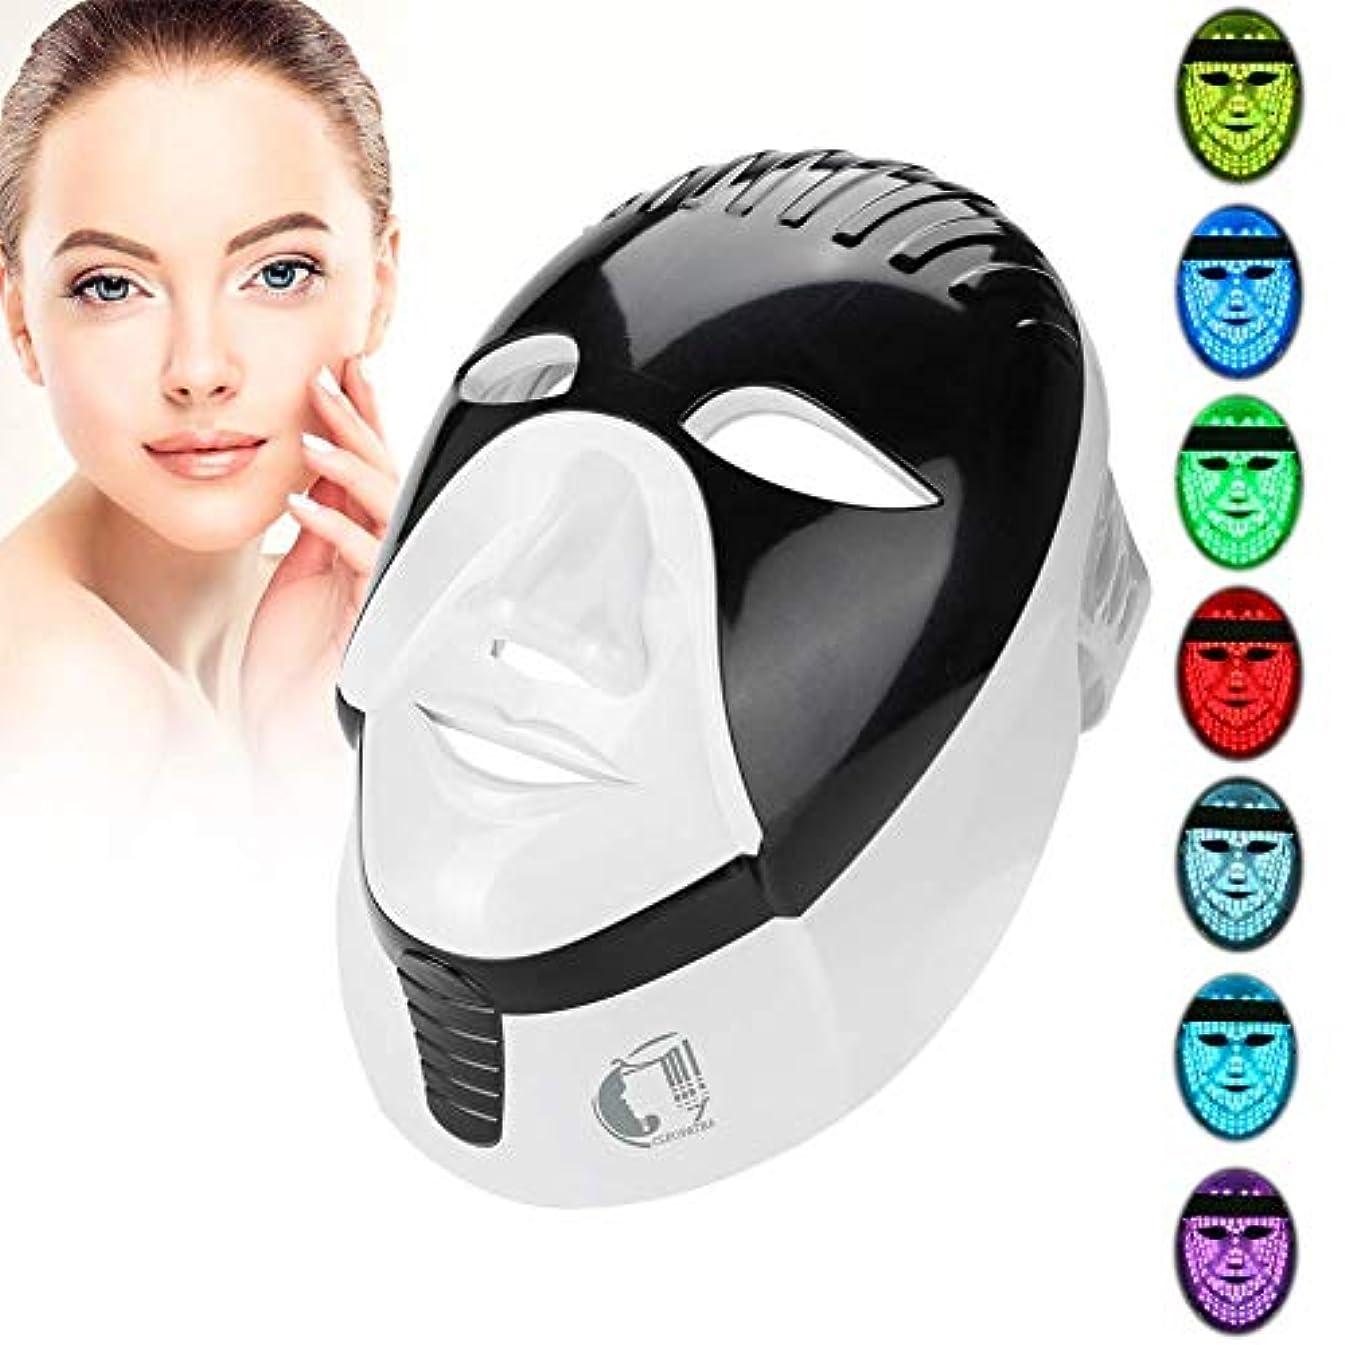 シングル退院冒険者フォトンセラピー7色マスク、毎日のスキンケアの若返りにきびとしわの除去のための美光療法フェイシャル